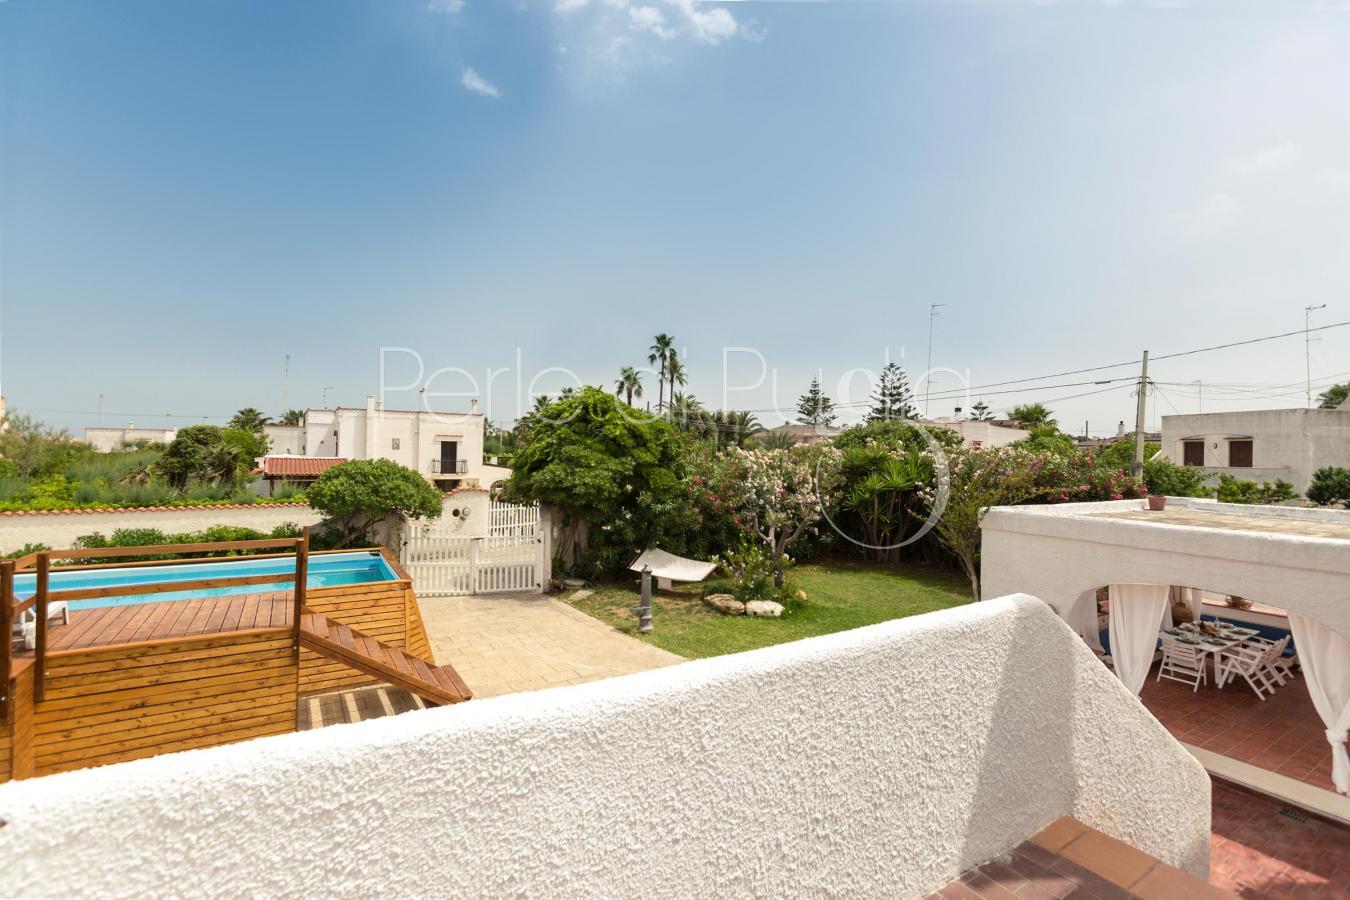 Villa vicino bari con piscina e accesso alla spiaggia for Piscina wspace bari